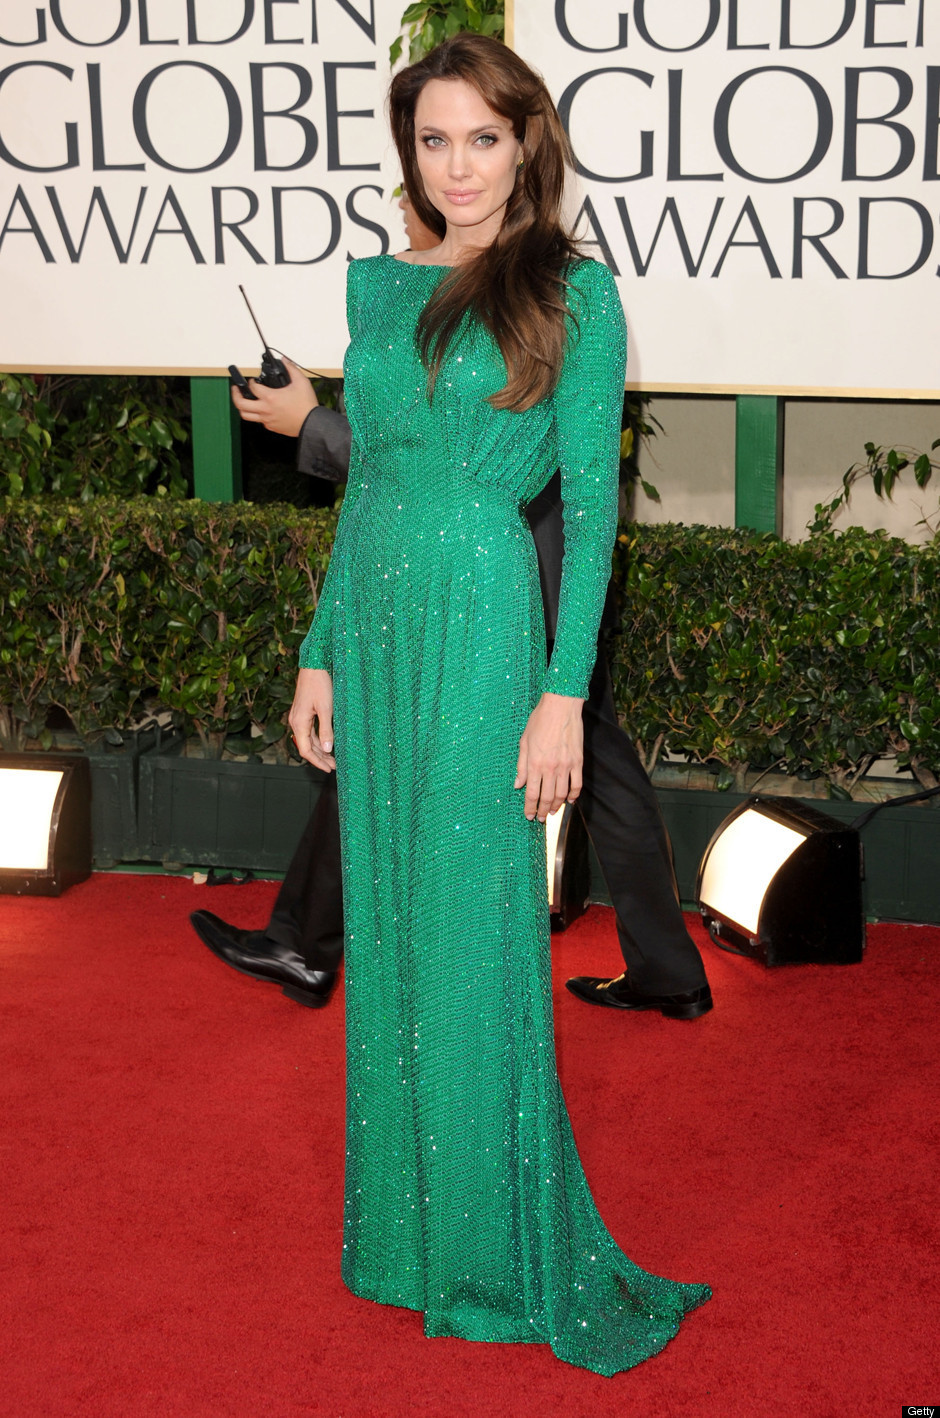 Tiffany Haddish Wears Galia Lahav at the Golden Globes